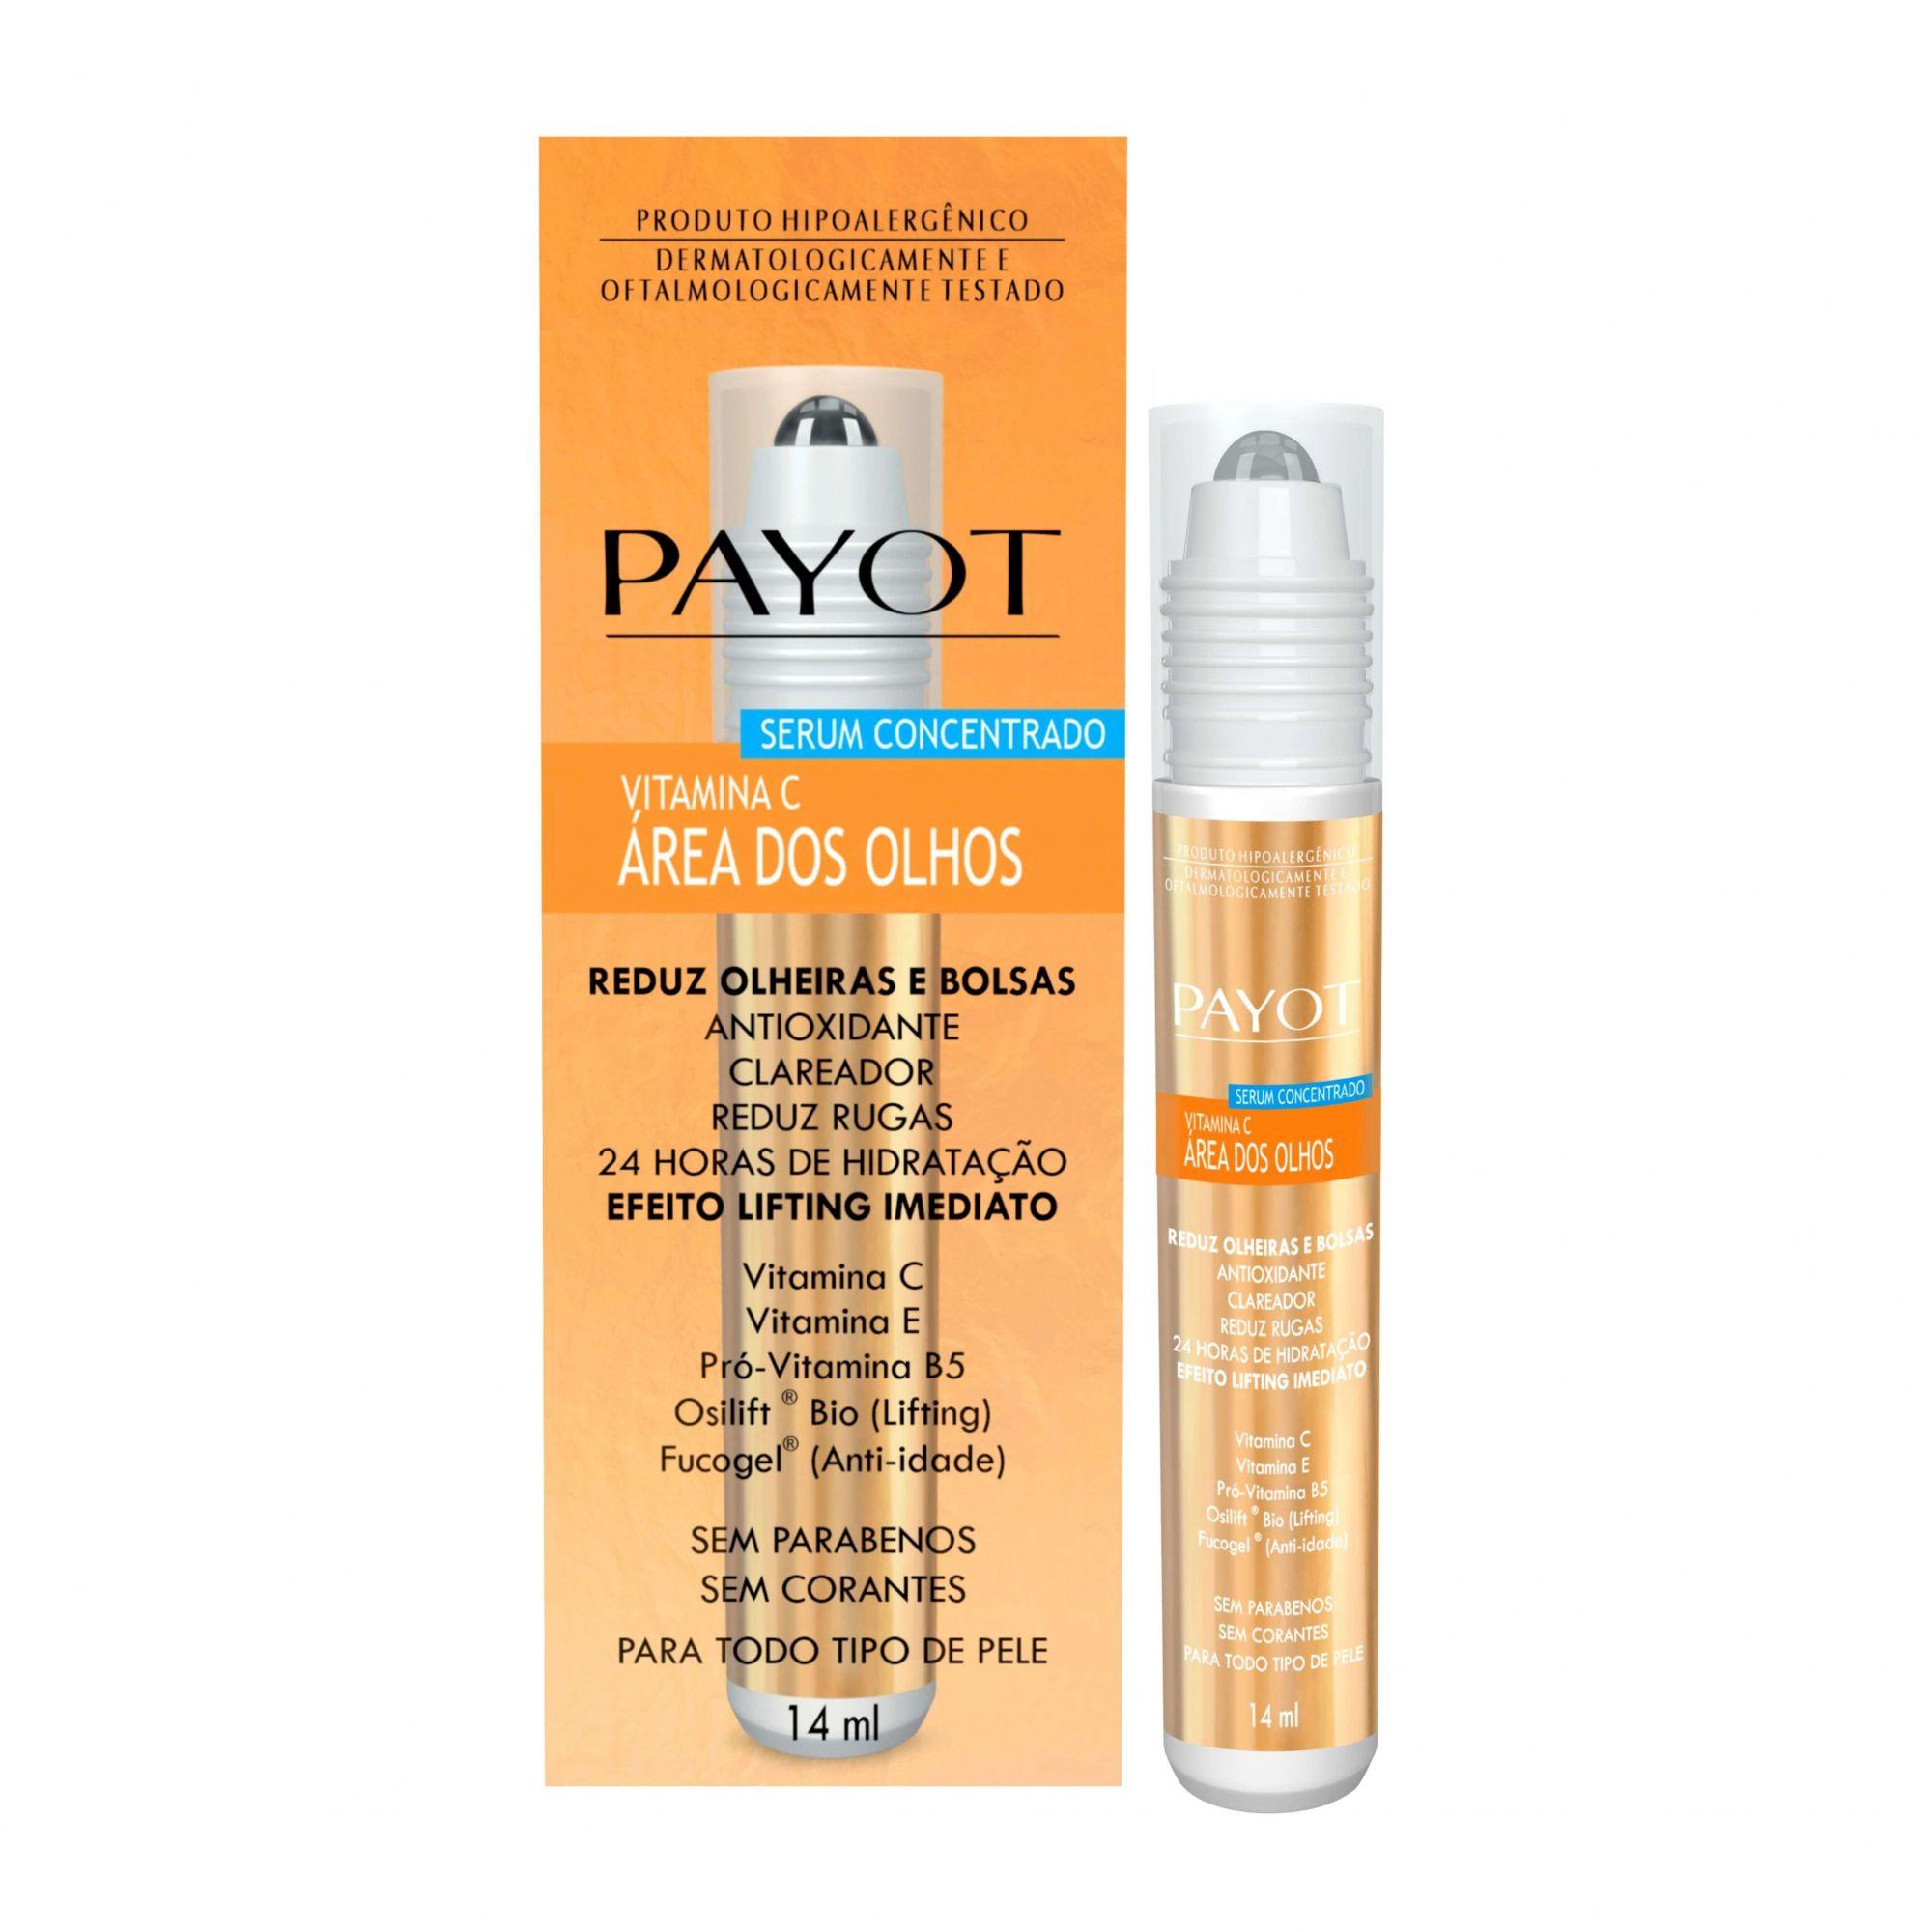 Serum Anti-Idade Vitamina C Área dos Olhos Payot 14ml